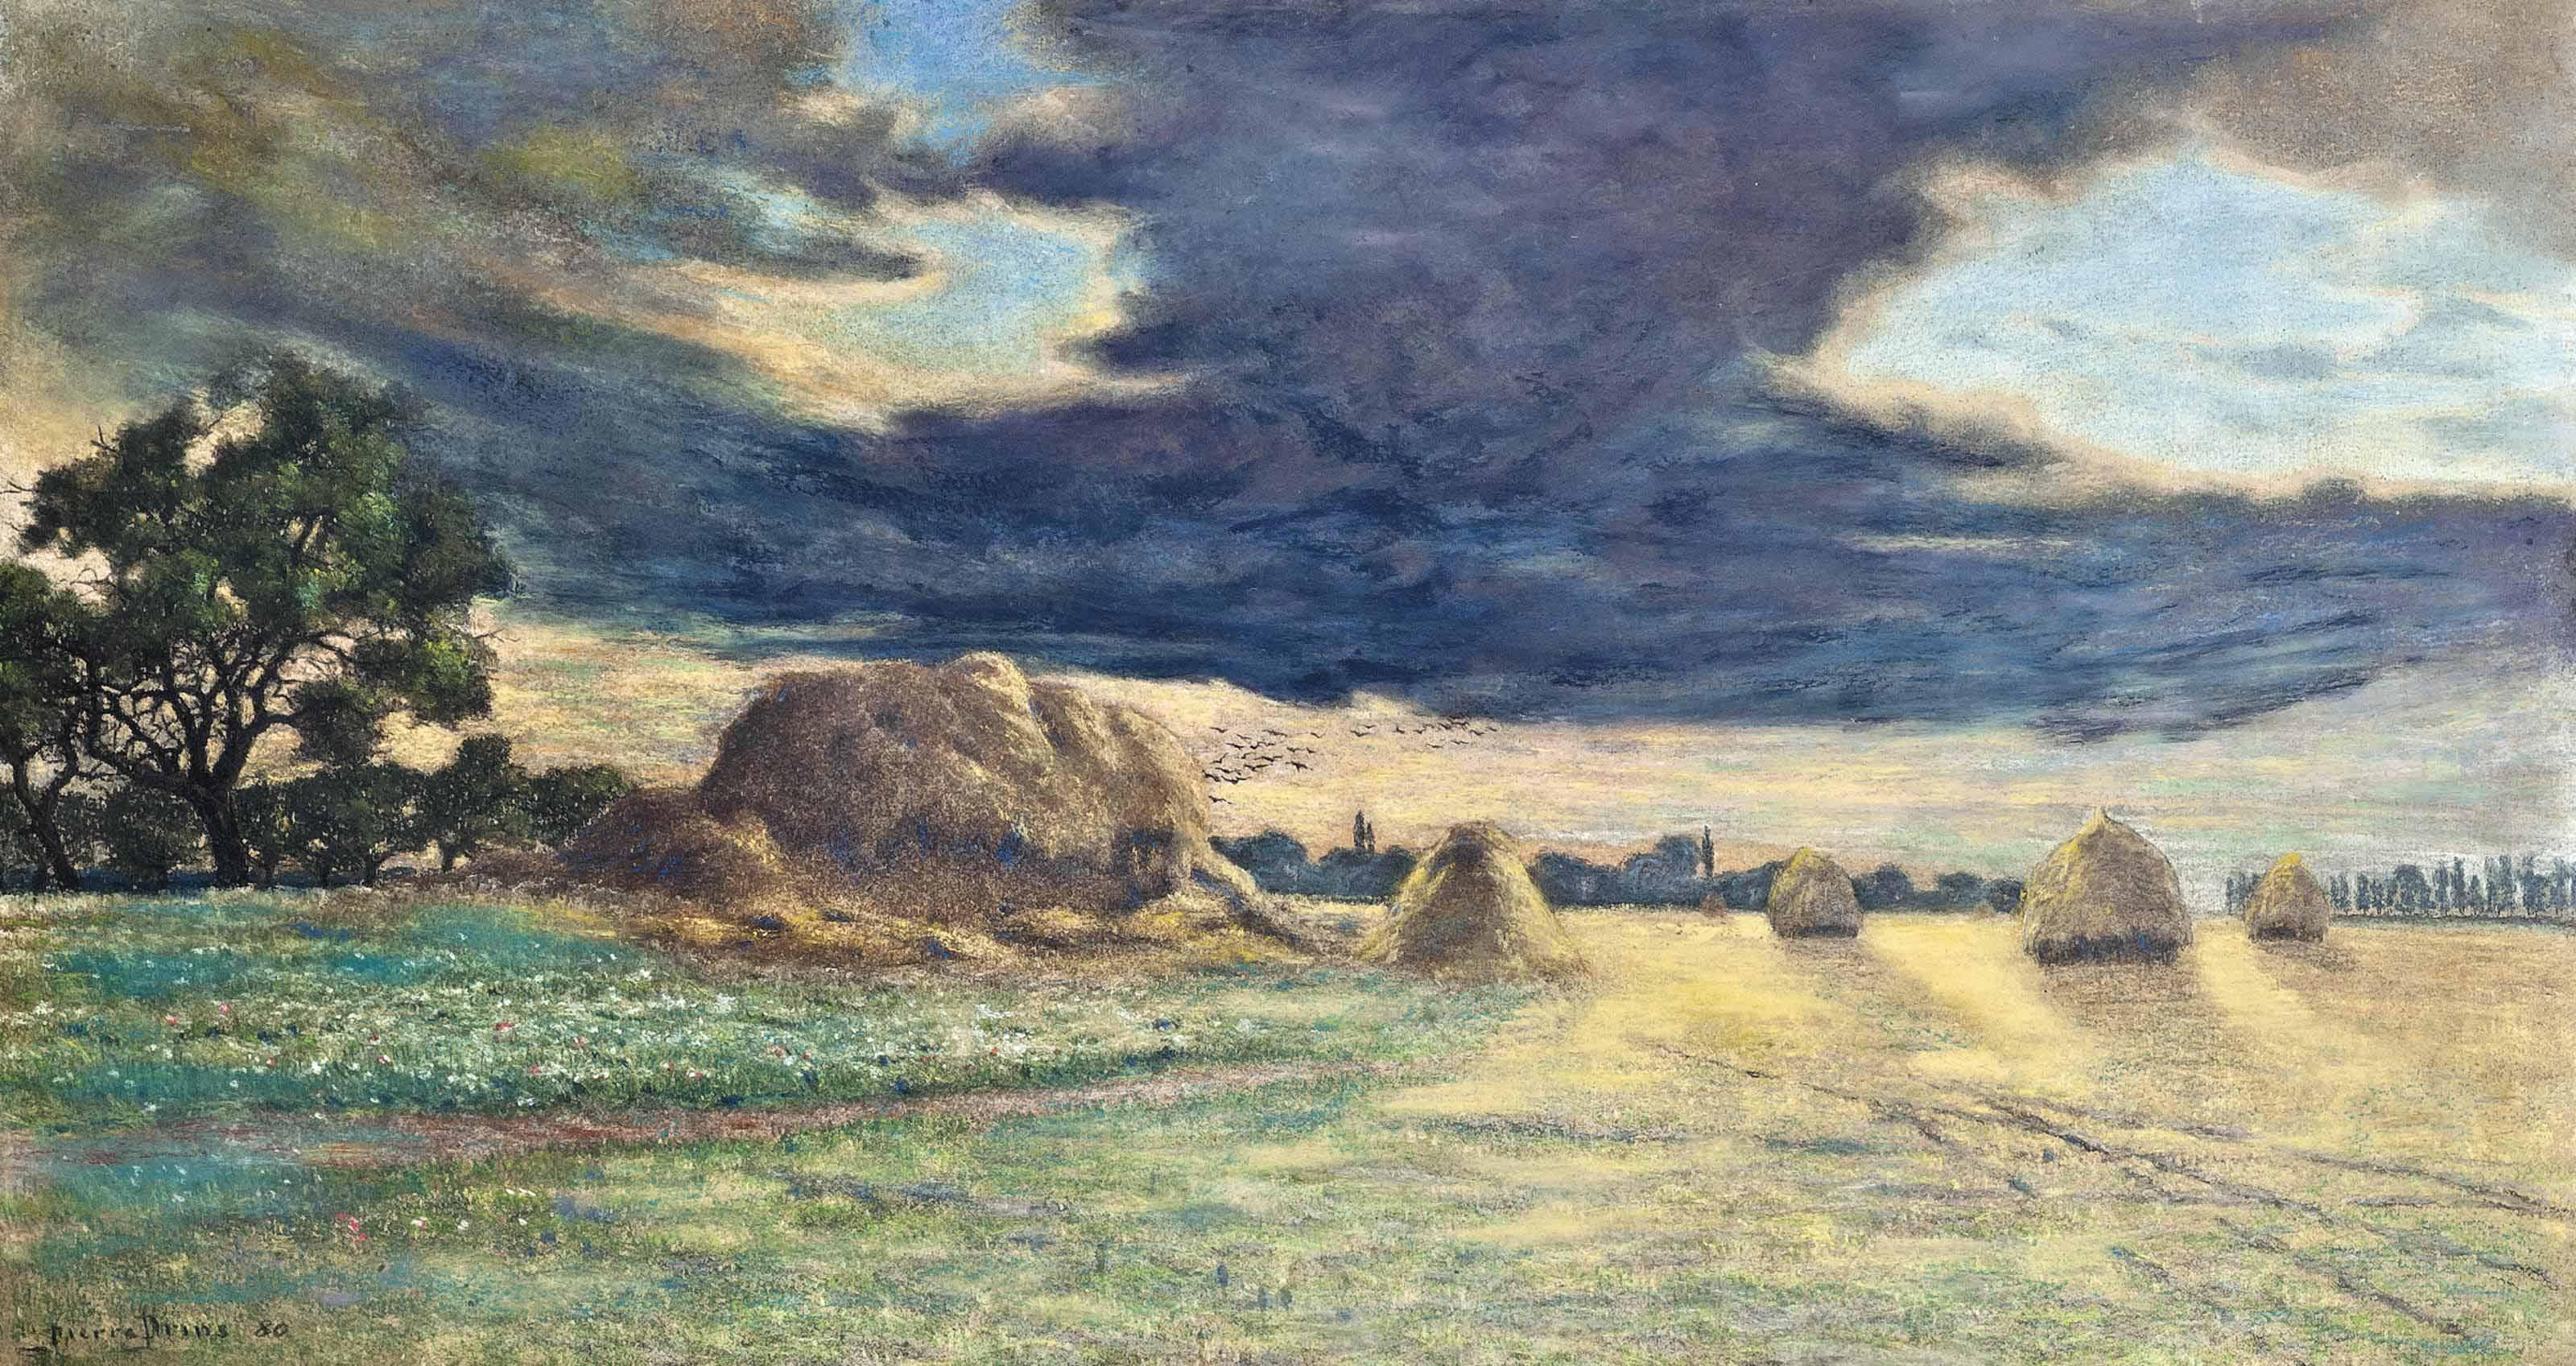 Haystacks at sunset